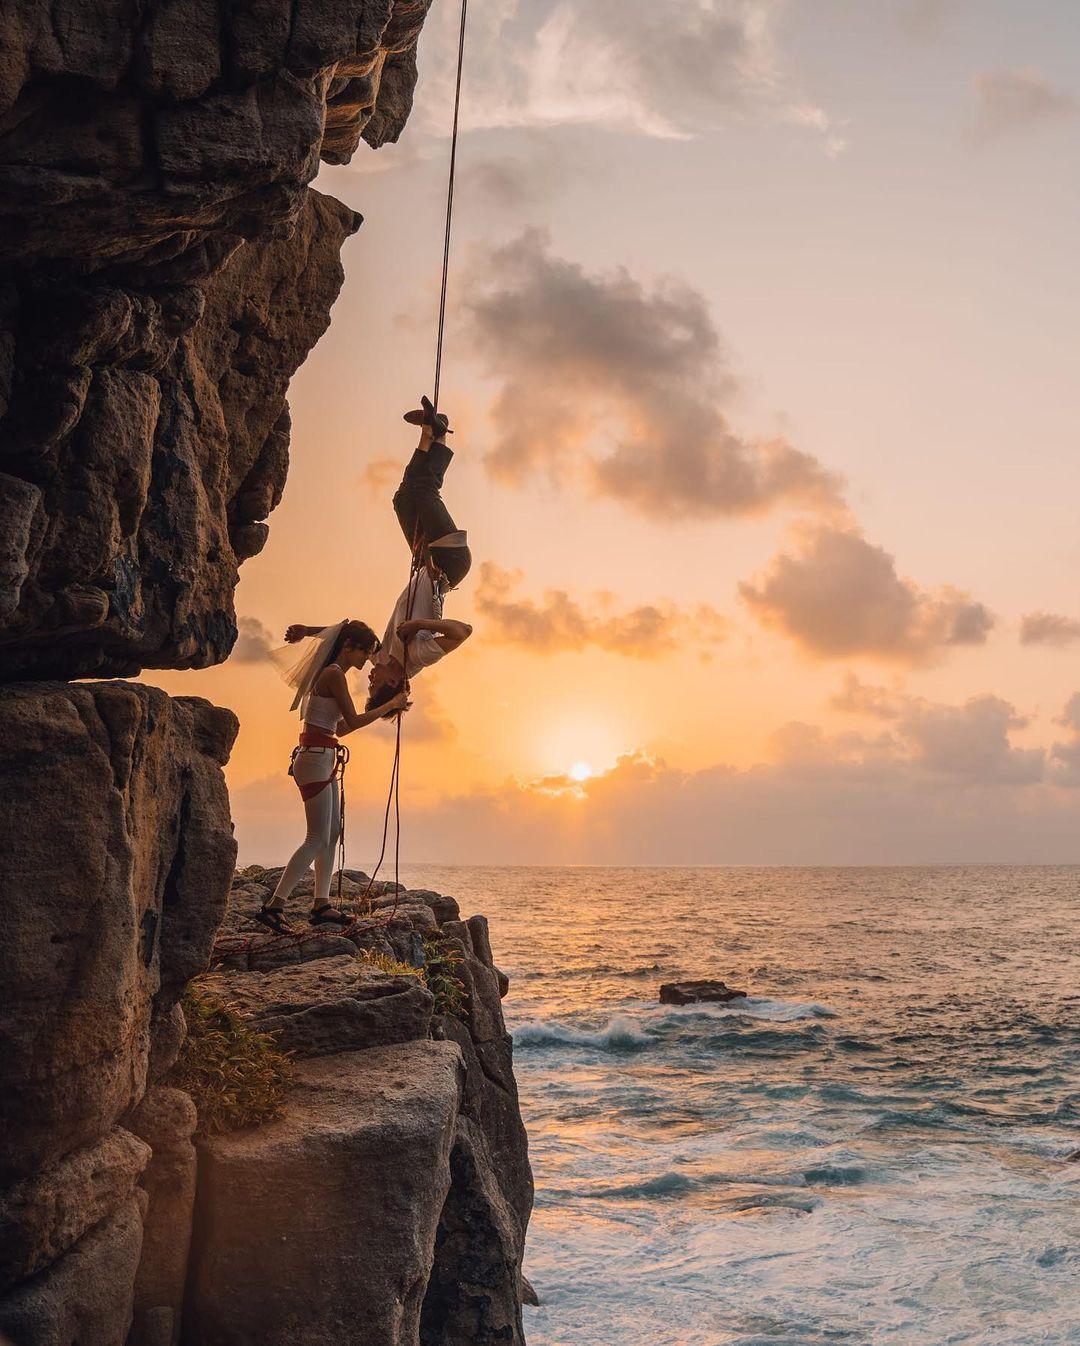 盤點全台各大攀岩場  順帶入住當地旅宿 升級你的攀岩之旅